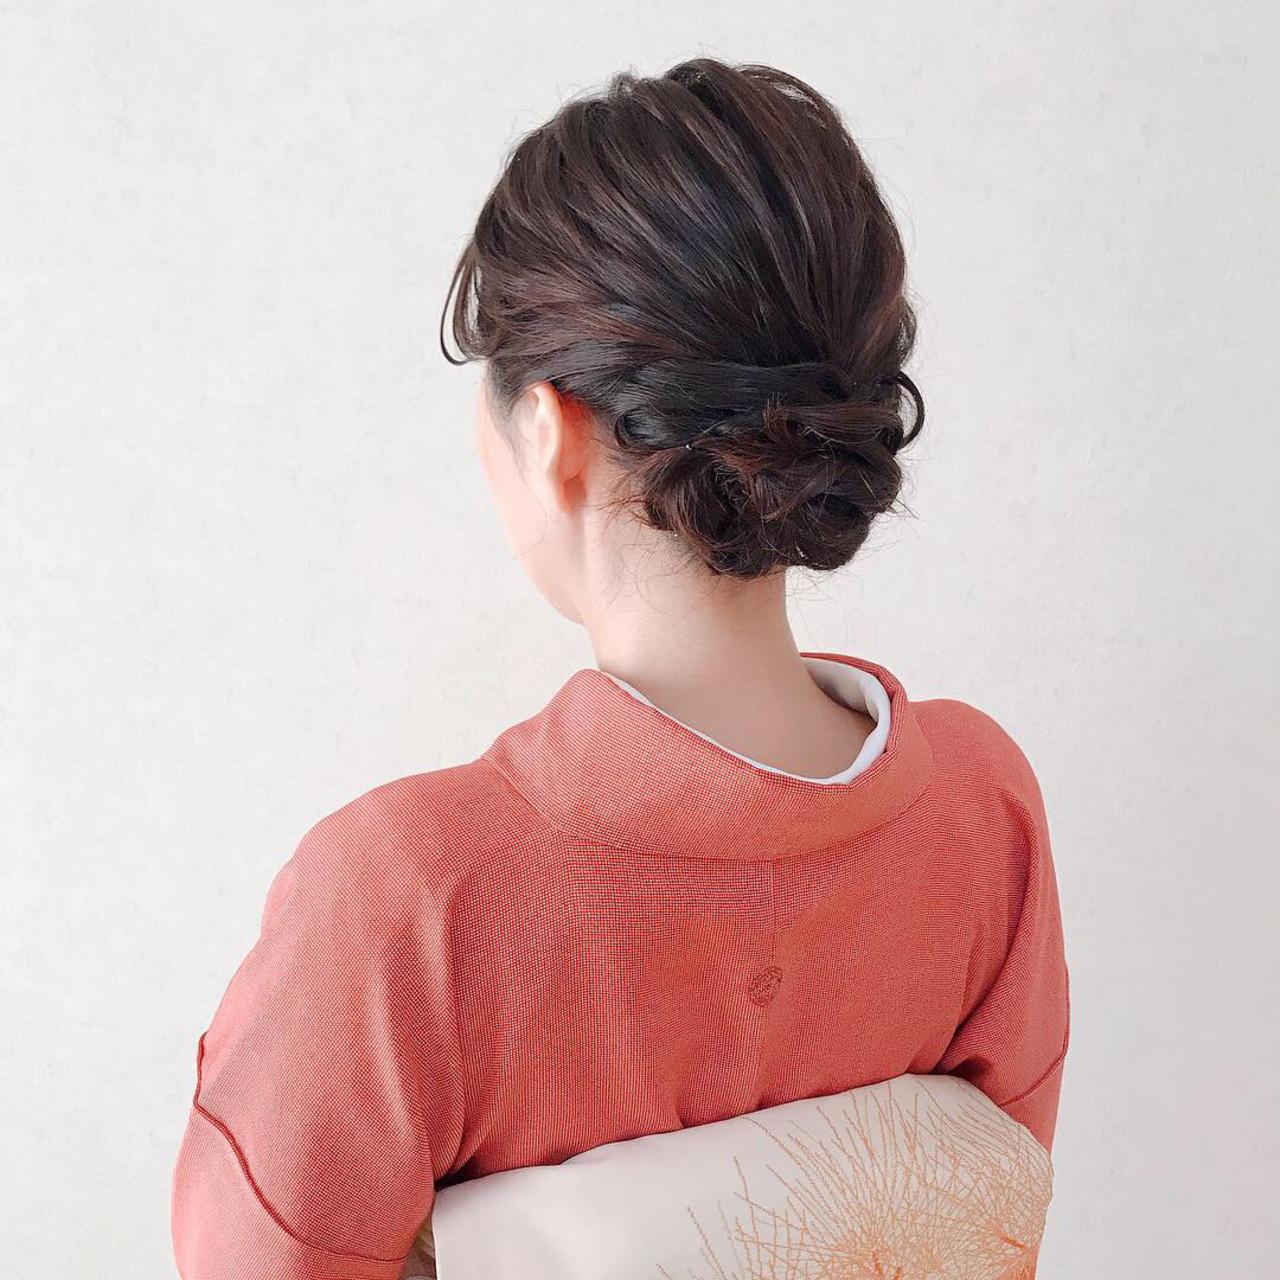 パーティ ヘアアレンジ 和装 ミディアム ヘアスタイルや髪型の写真・画像 | Moriyama Mami / 福岡天神ヘアセット・着付け専門店【Three-keys】